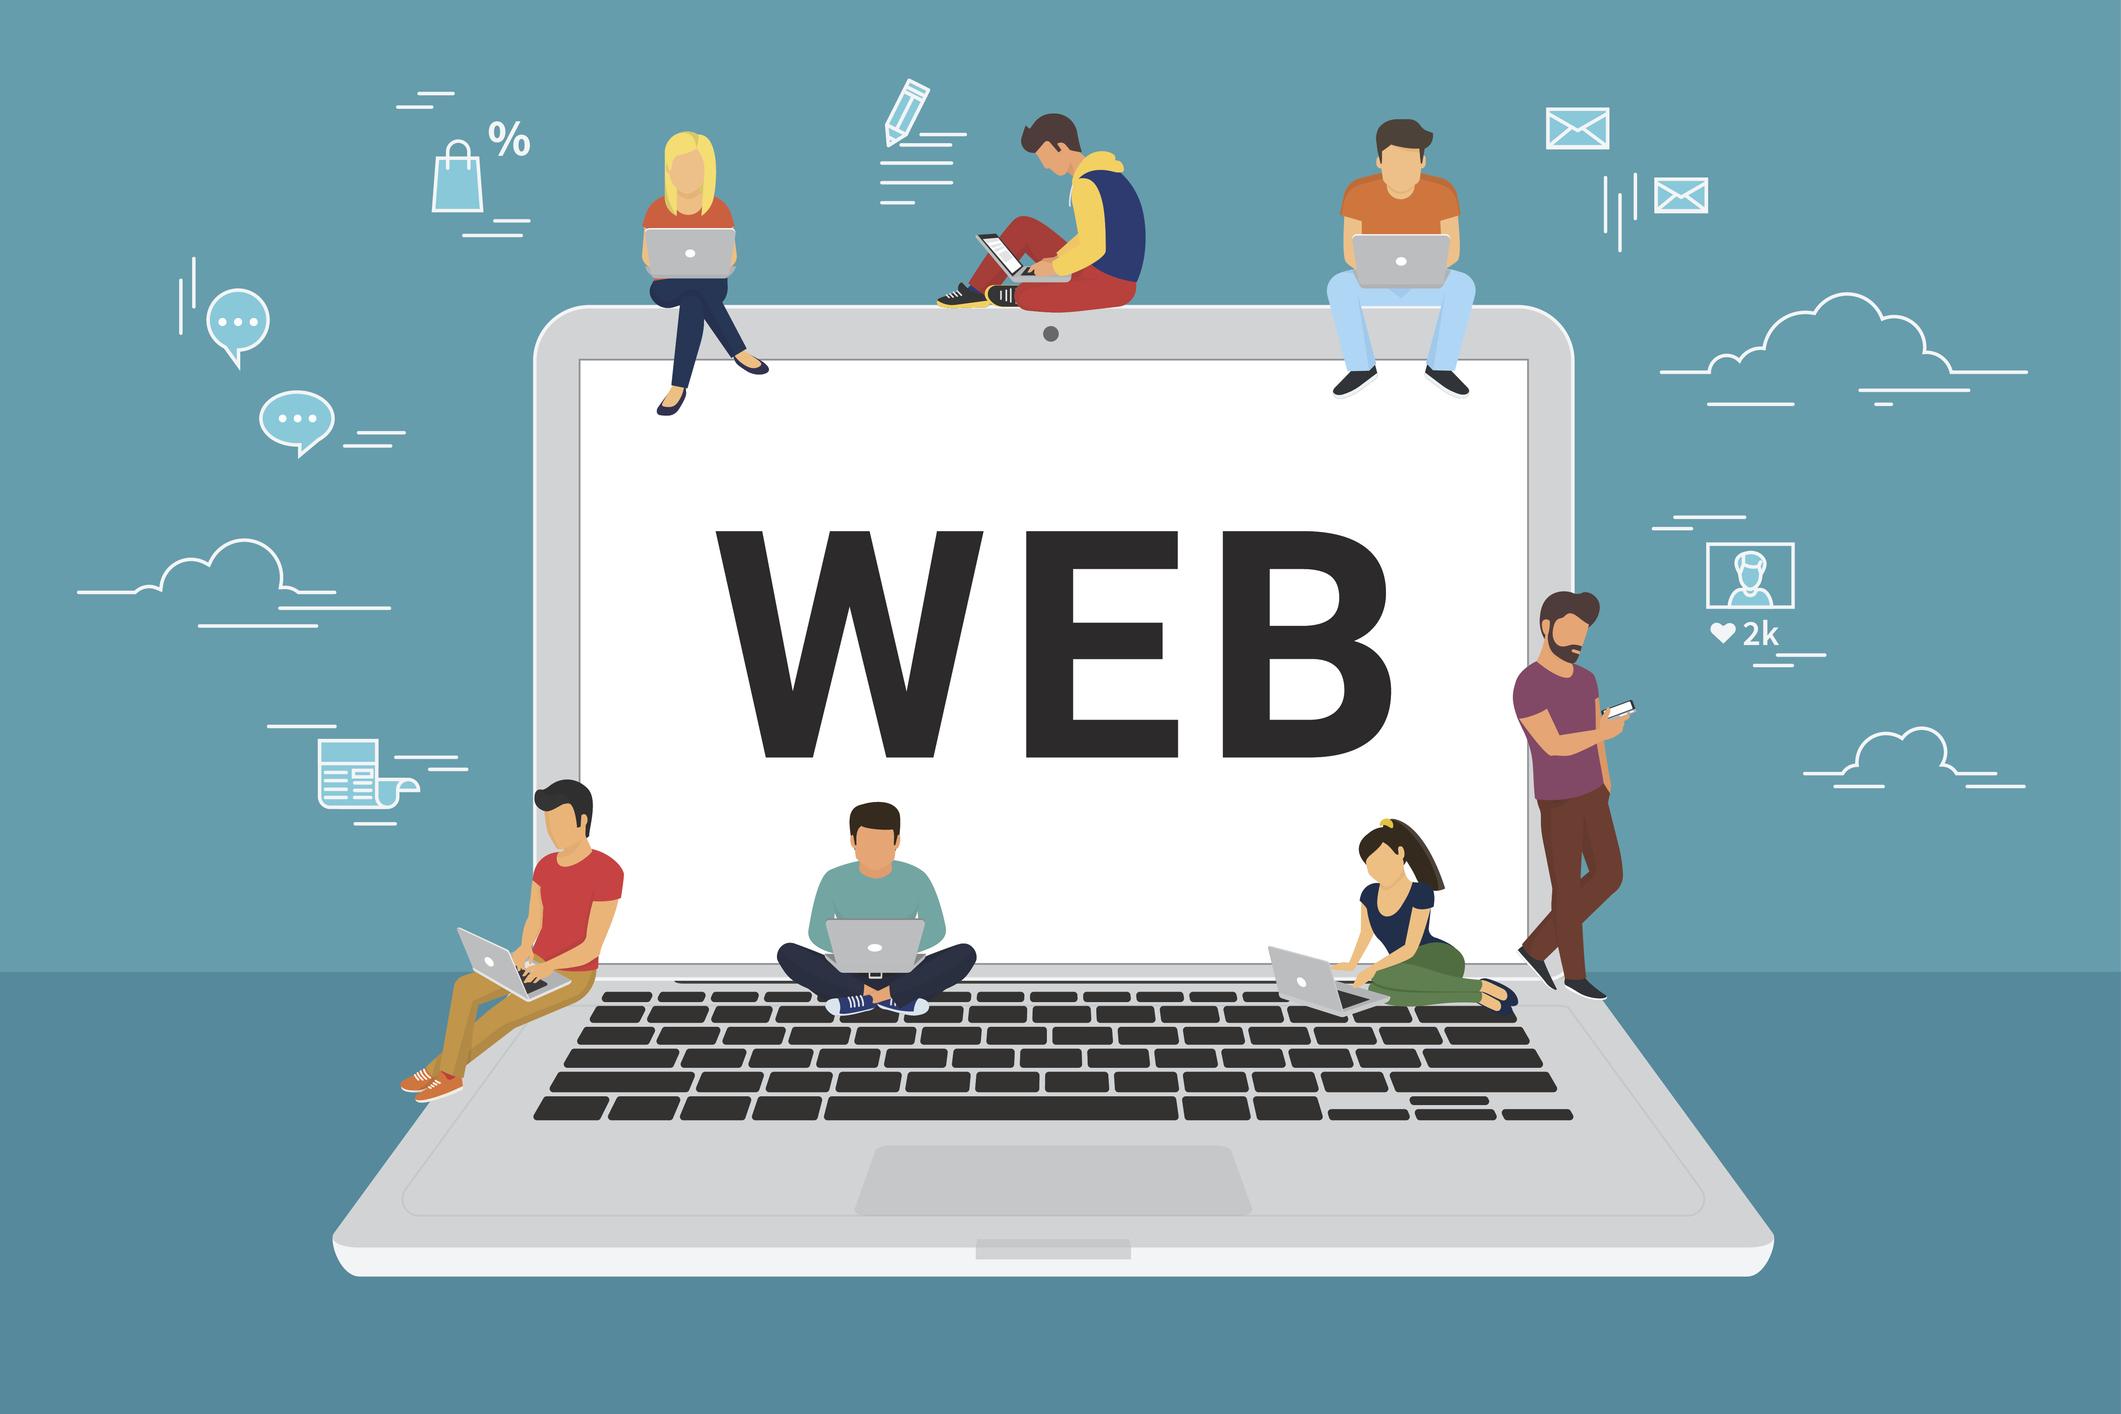 網頁設計要考慮哪些因素?